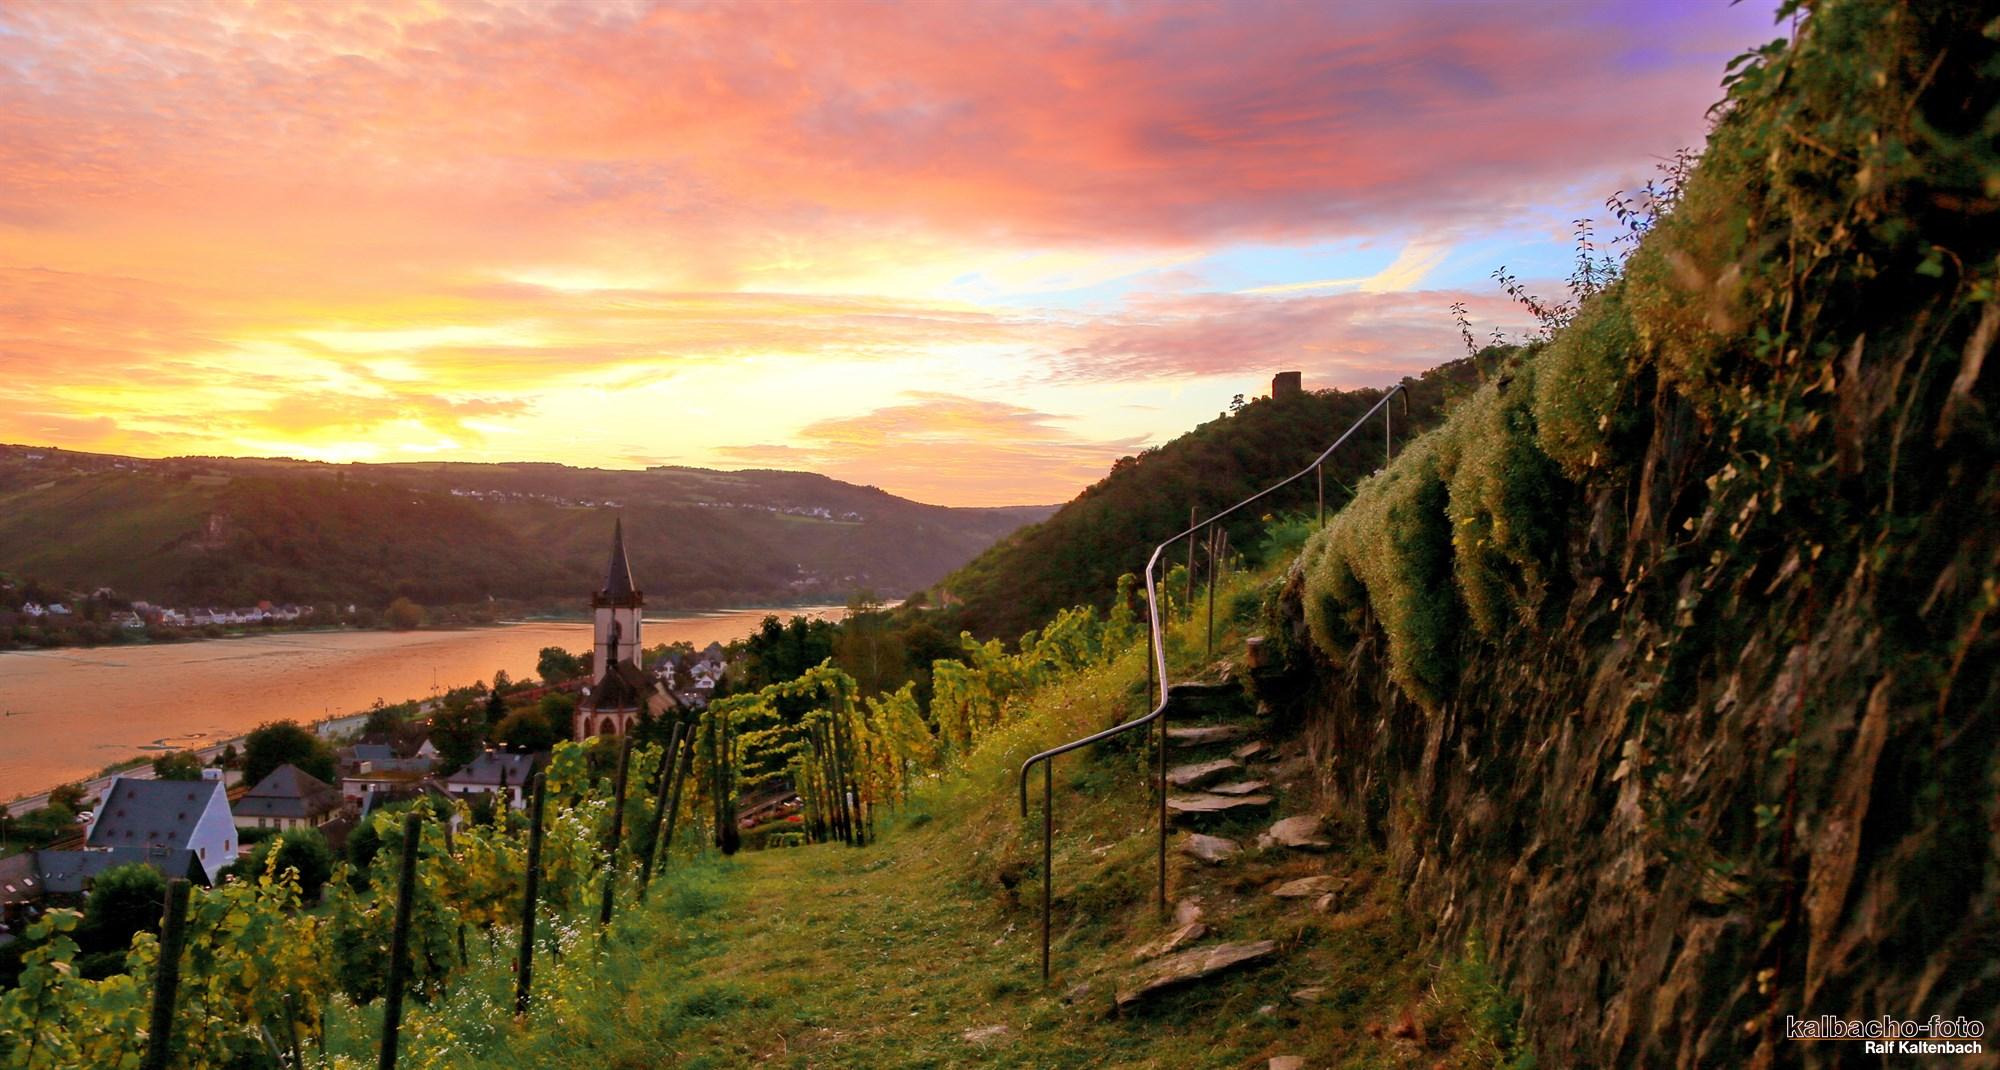 Sonnenuntergang im Weltkulturerbe-Wingert Lorch am Rhein